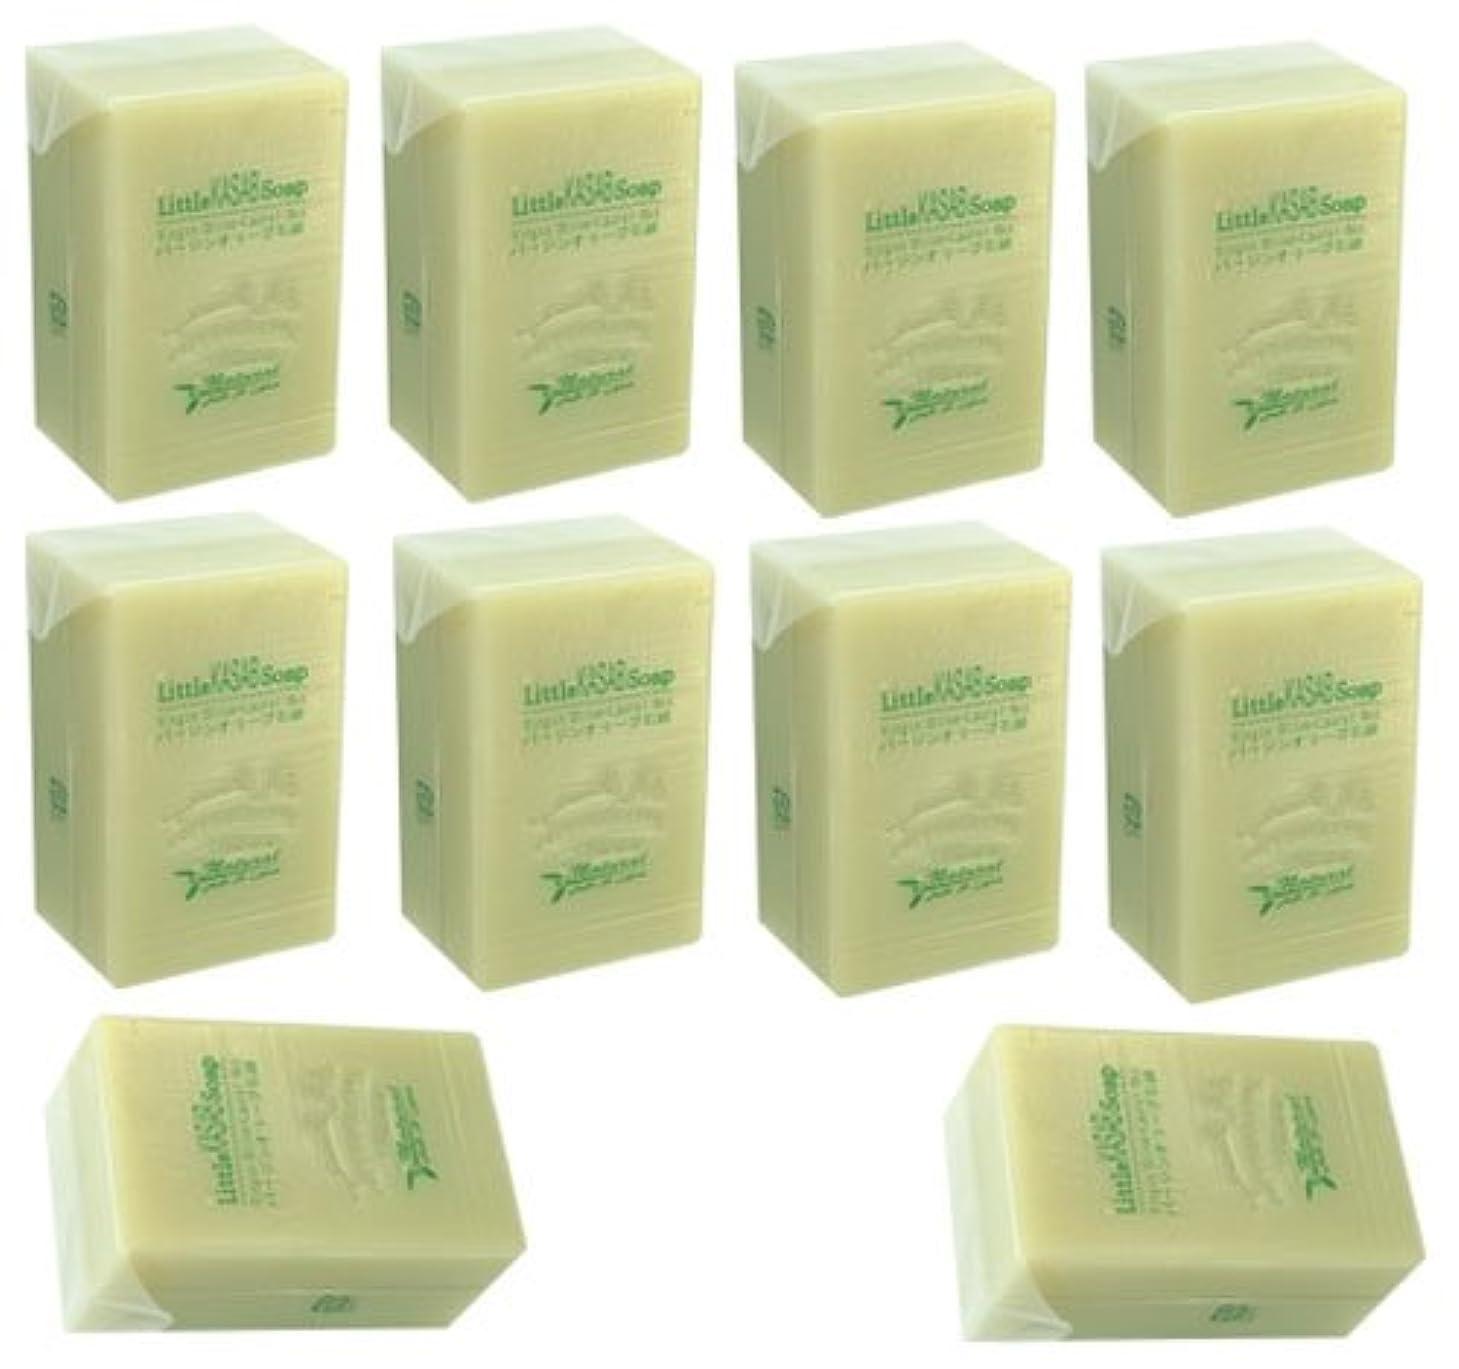 最少かまどゴミ箱リトルカサブ石鹸10個セット